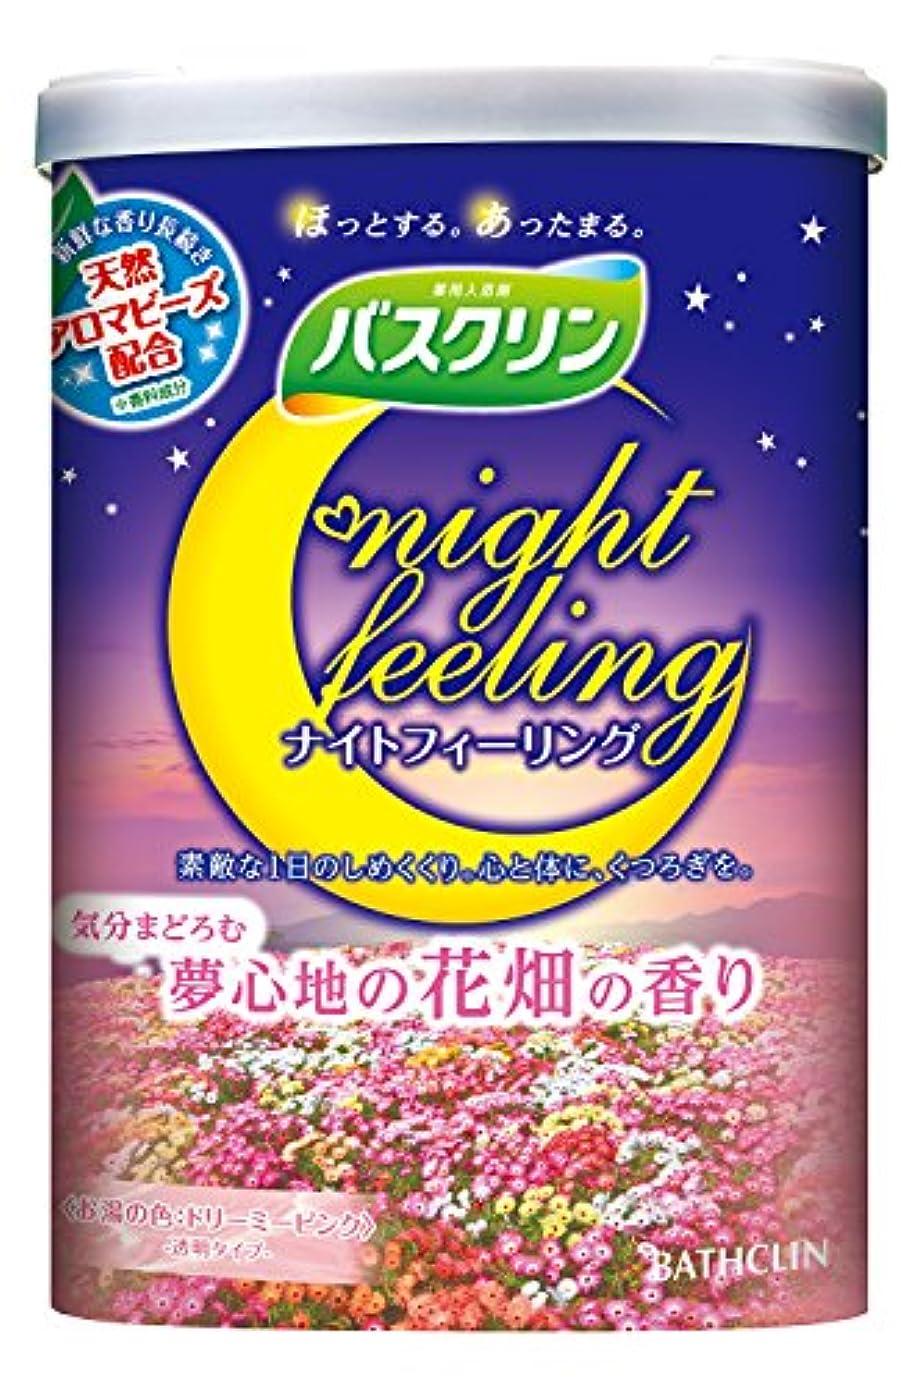 【医薬部外品】バスクリン ナイトフィーリング 気分まどろむ夢心地の花畑の香り 600g 入浴剤